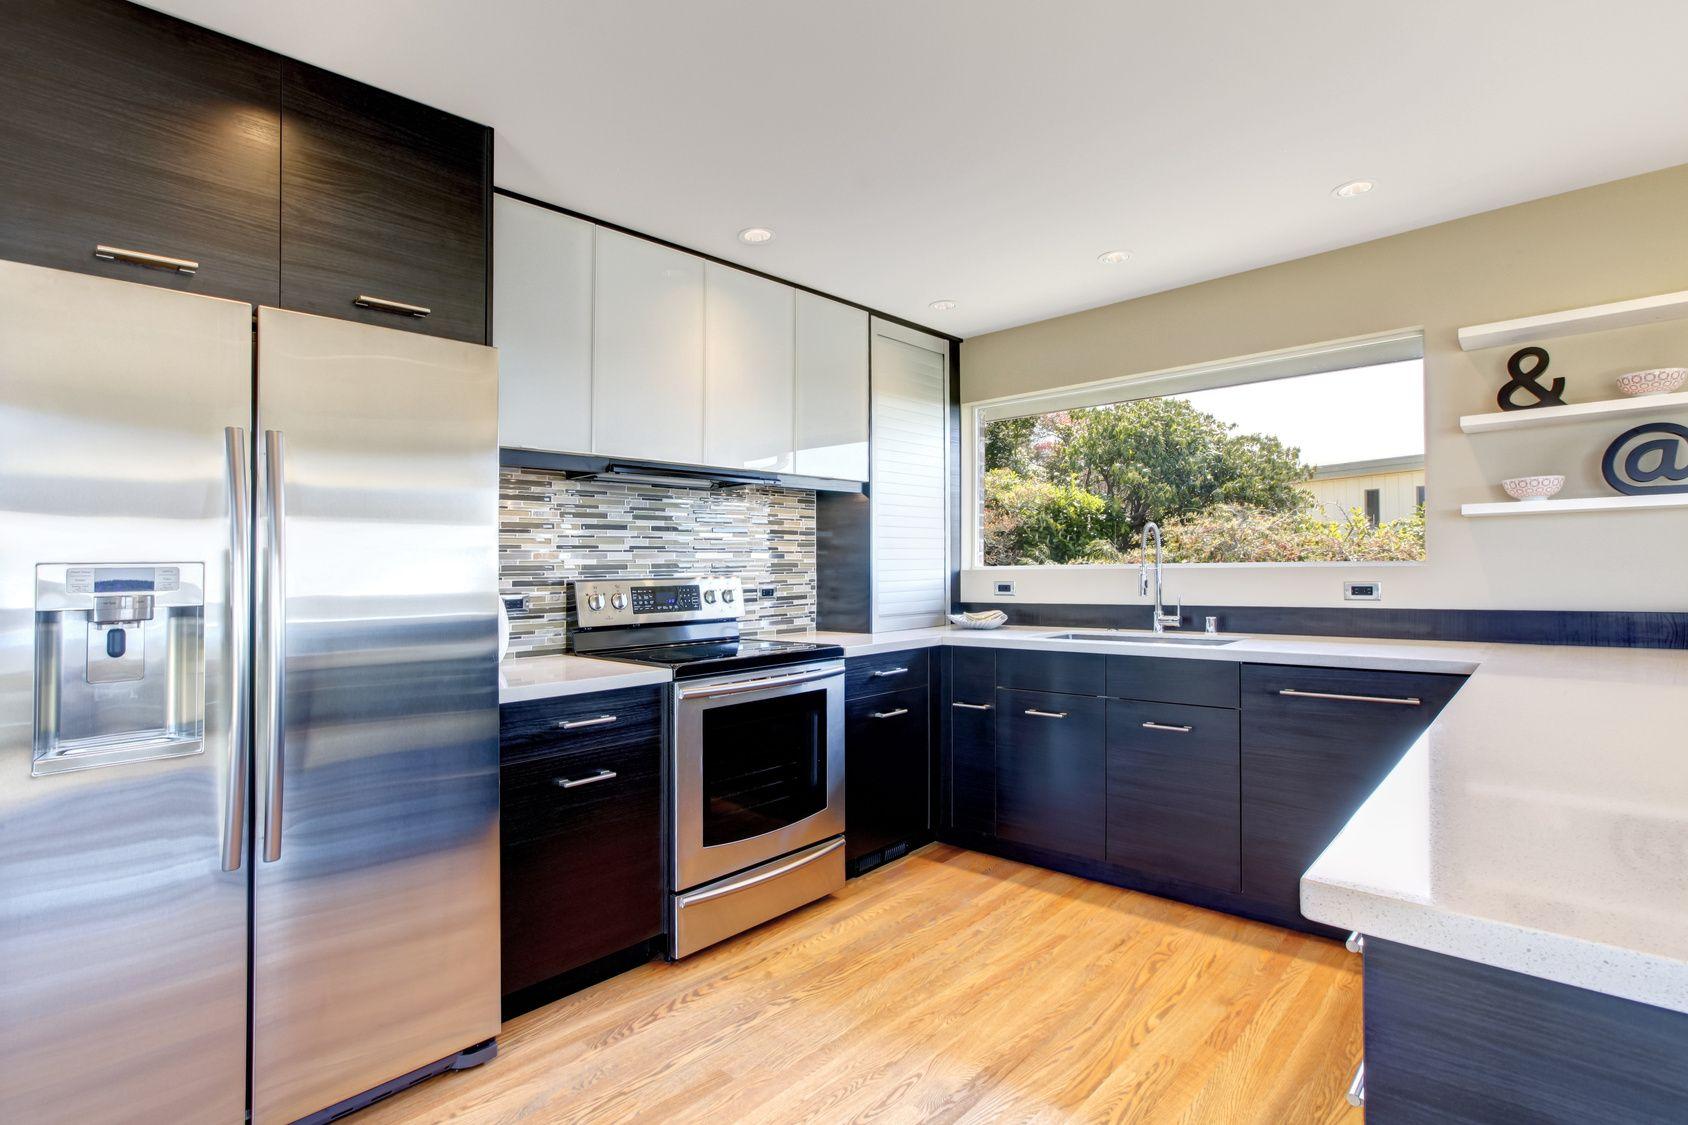 Einbauküchen u form modern Die U-form Küche - klassische Küchenform ...